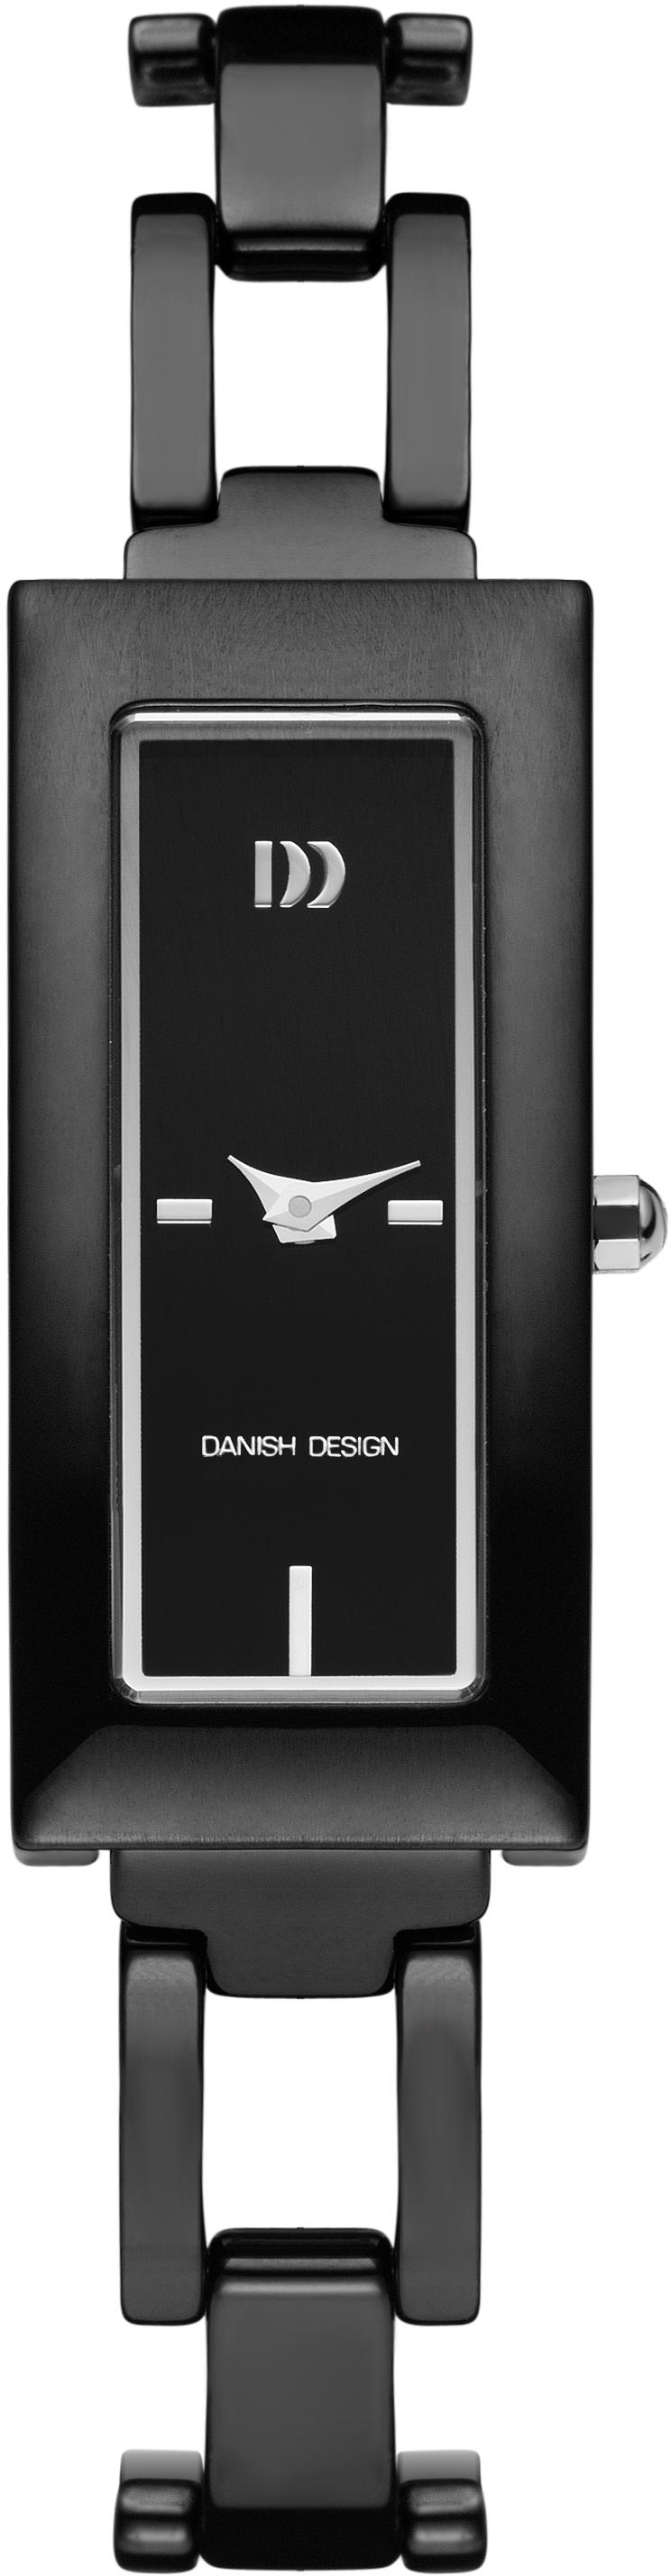 Danish Design Horloge 16/38 mm Ceramic IV63Q1023